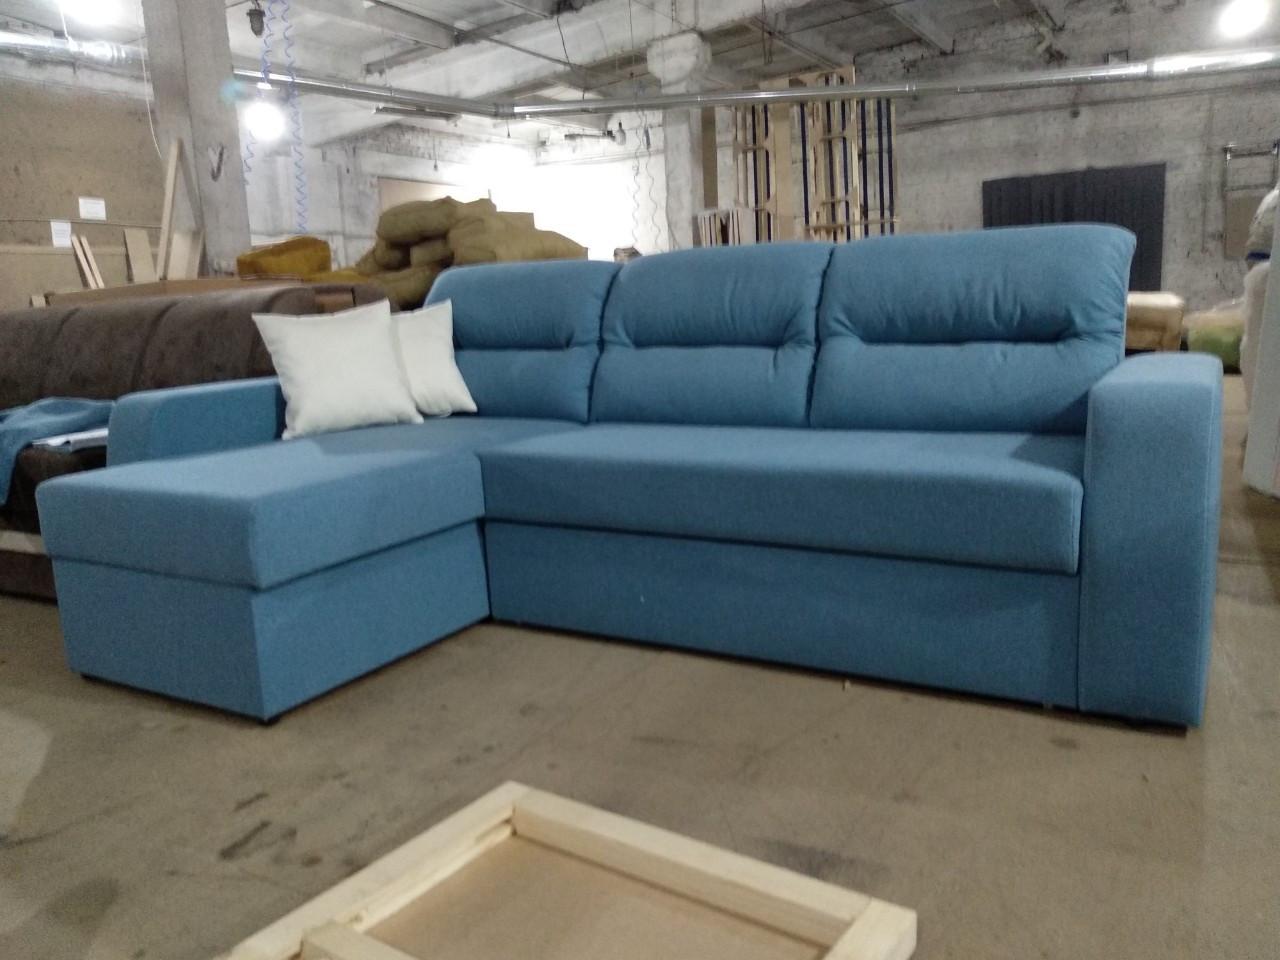 Угловой диван Эко Дрим 2,5 голубой Элизиум